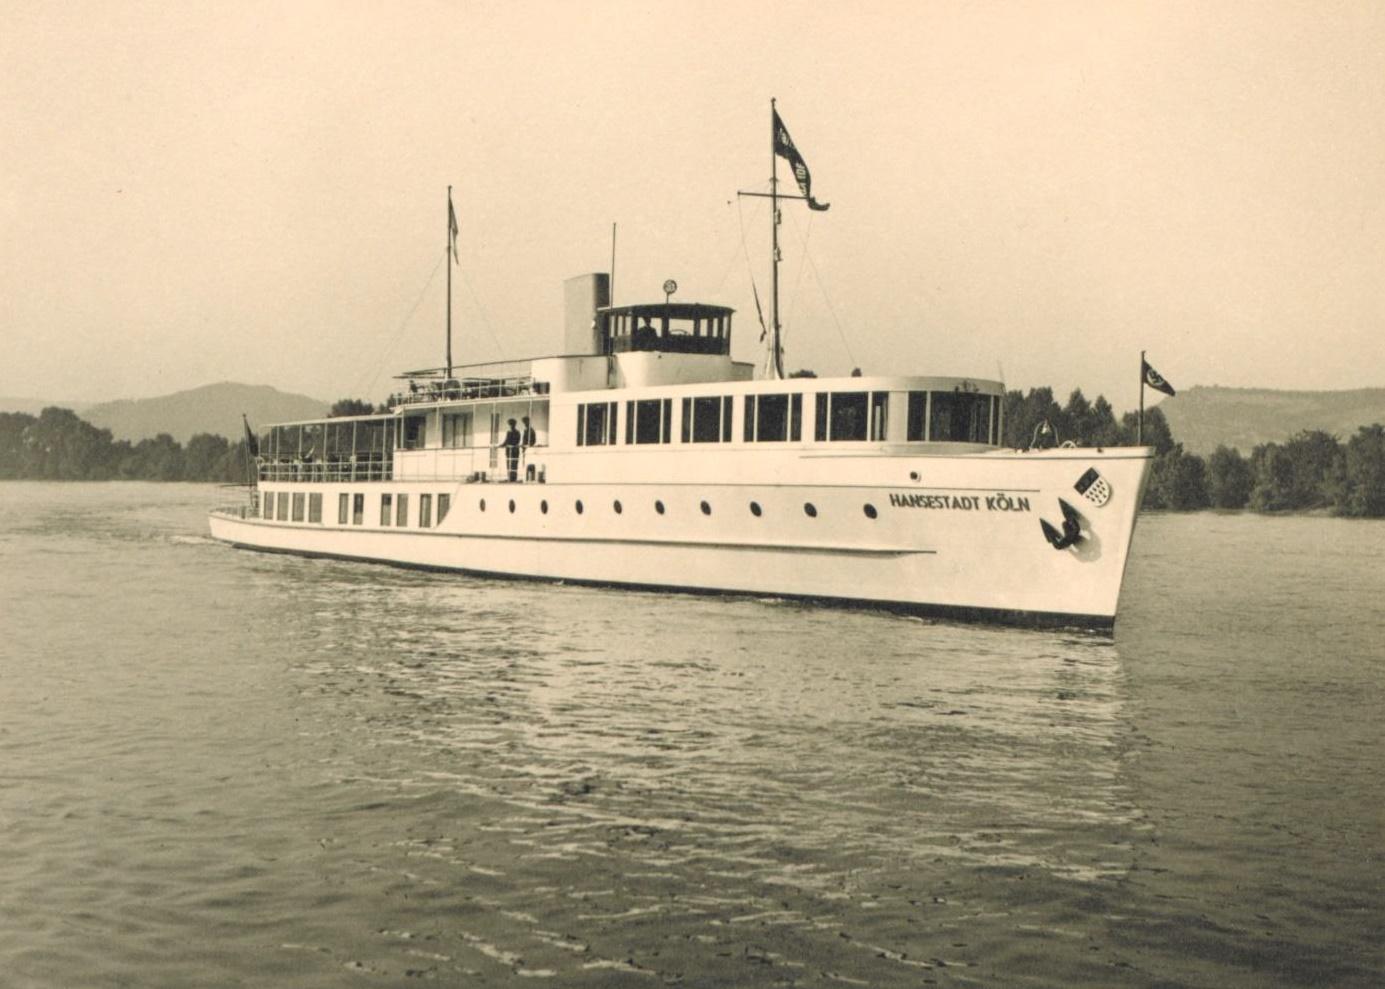 Die Hansestadt Köln nach Fertigstellung 1938